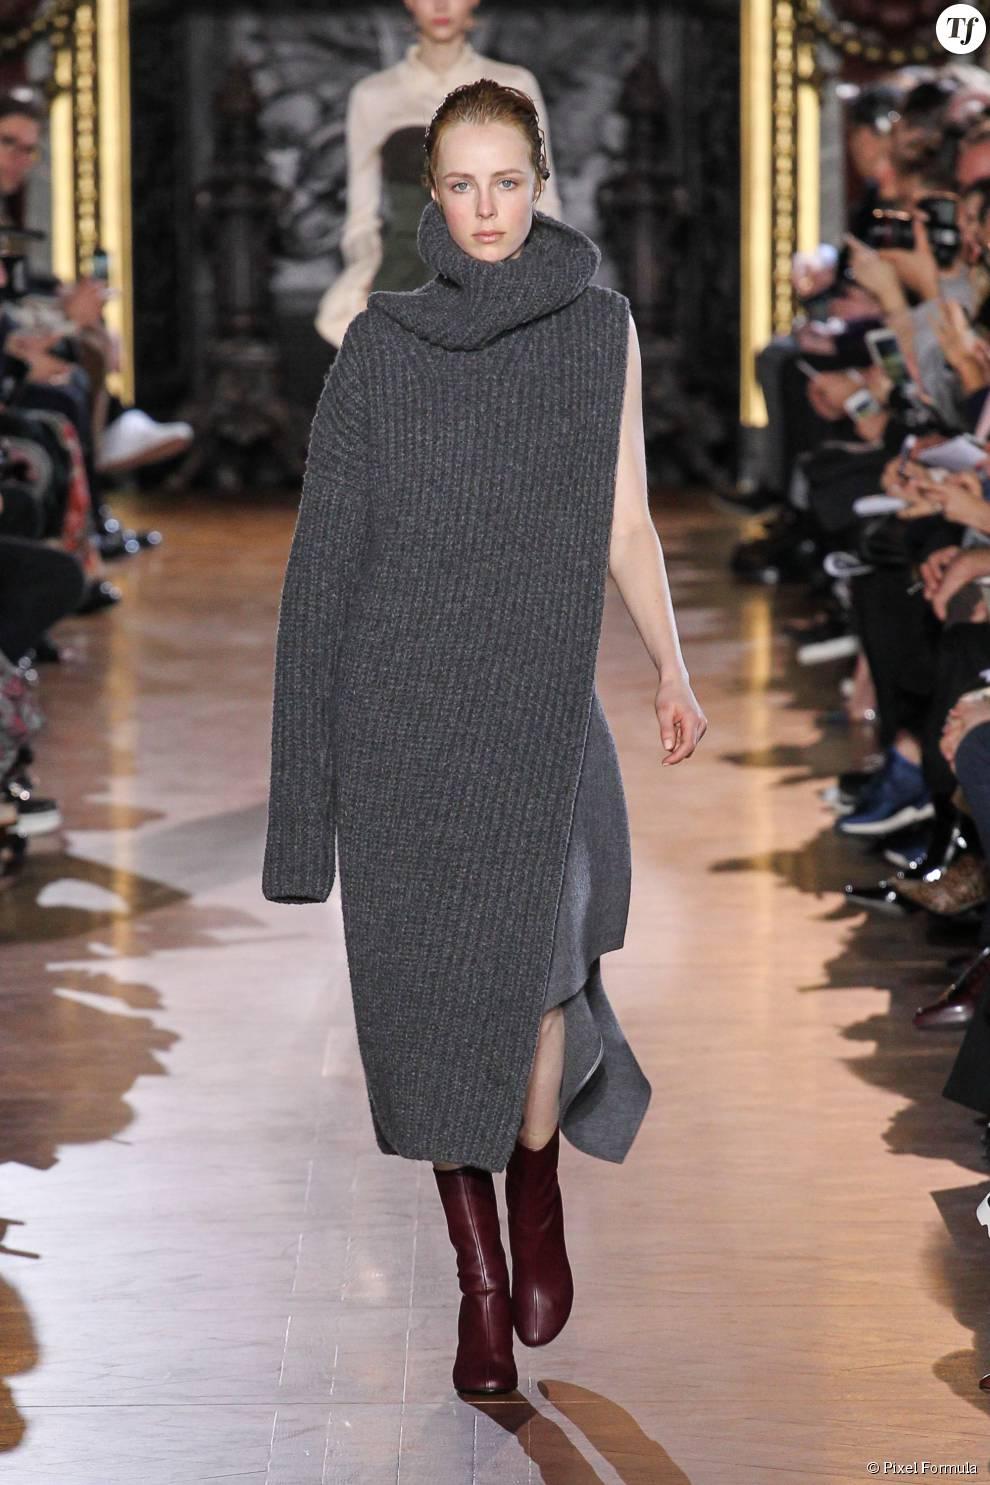 Robe en maille au défilé Stella McCartney prêt,à,porter automne,hiver 2015